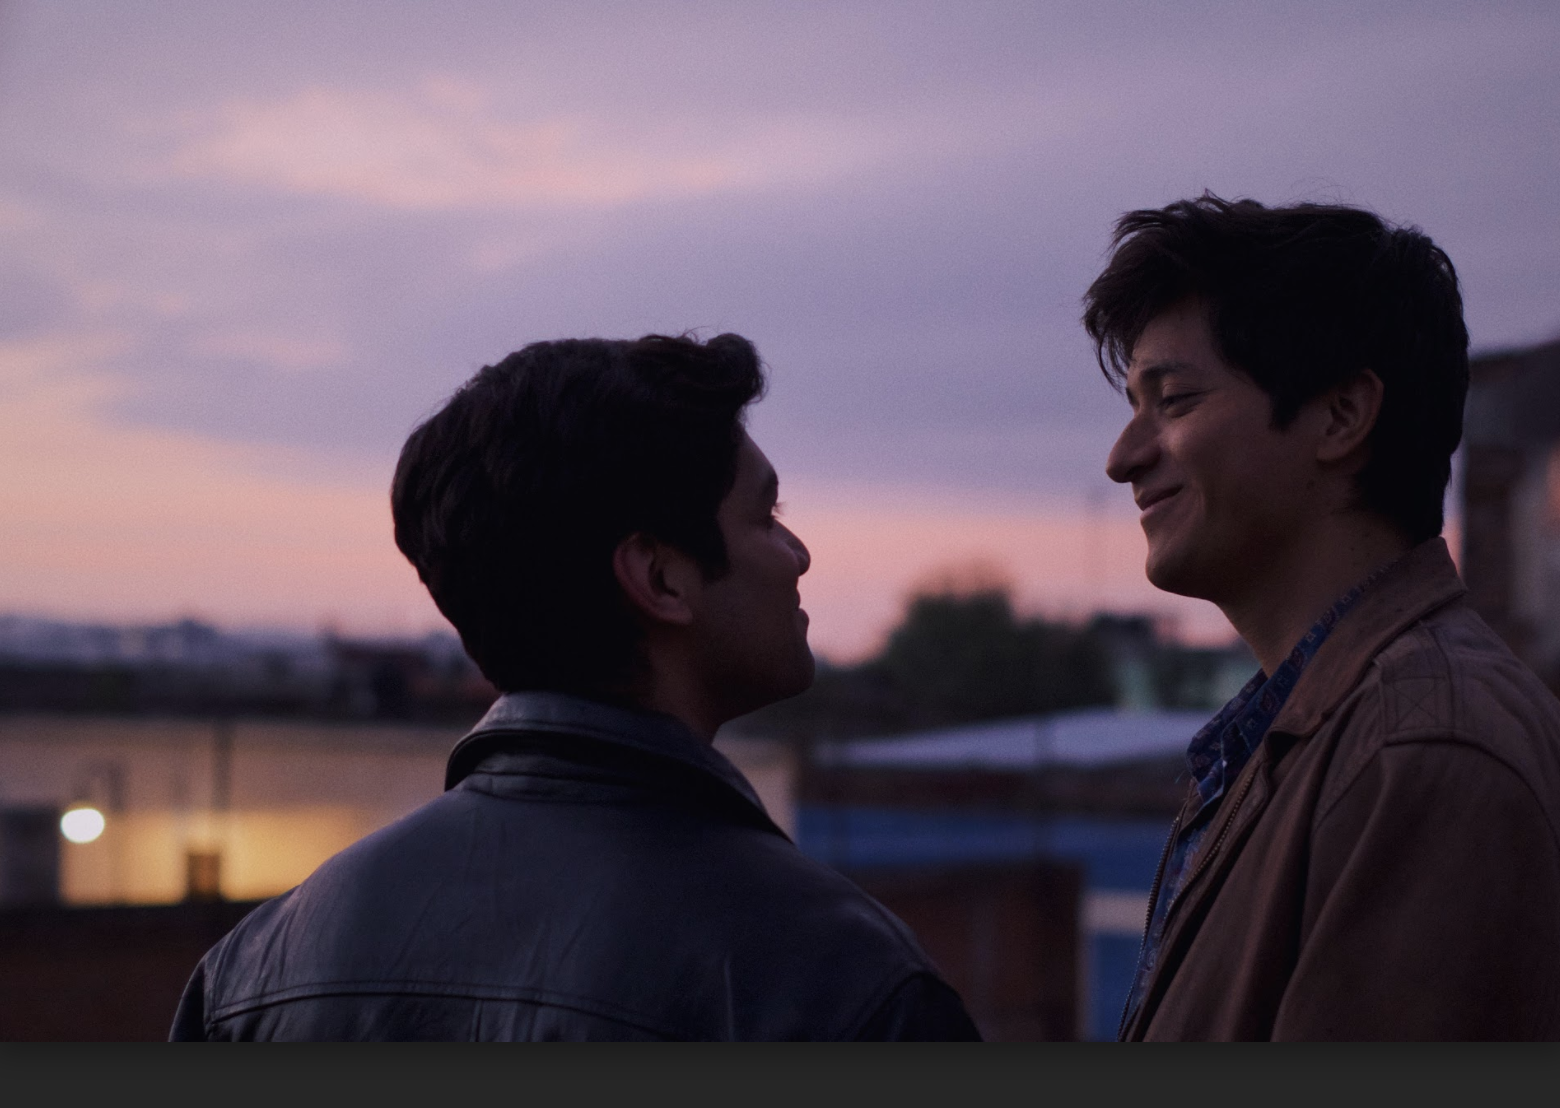 """La película mexicana """"Te llevo conmigo"""" figura como una de las favoritas a ser nominada a los Premios Óscar"""